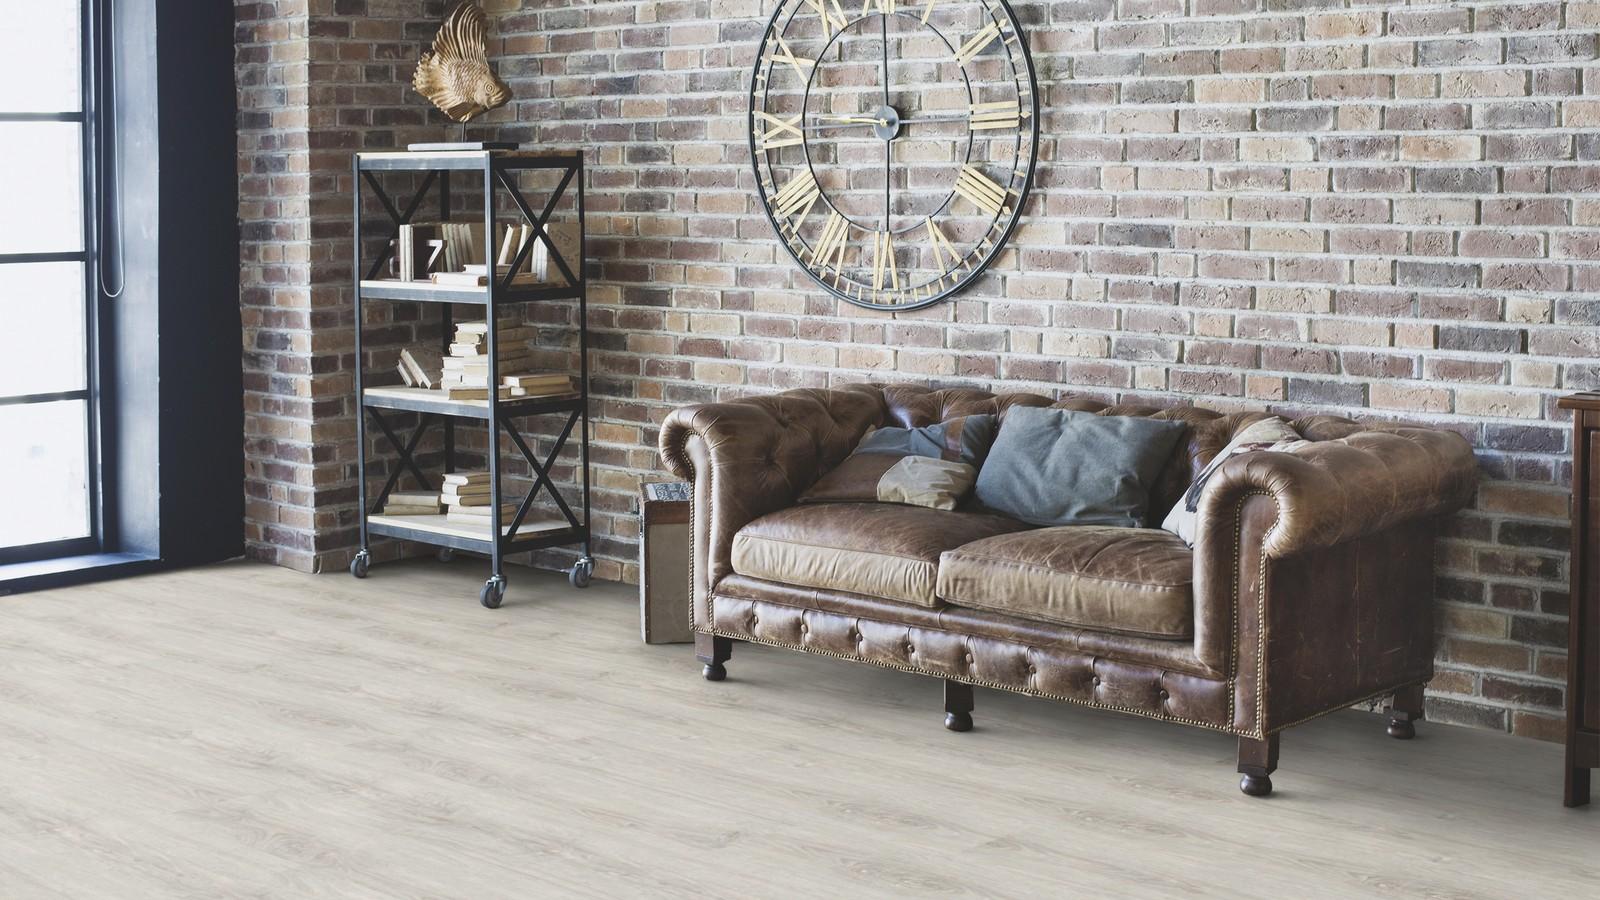 Topvloeren | PVC Wicanders vinylcomfort forzen oak